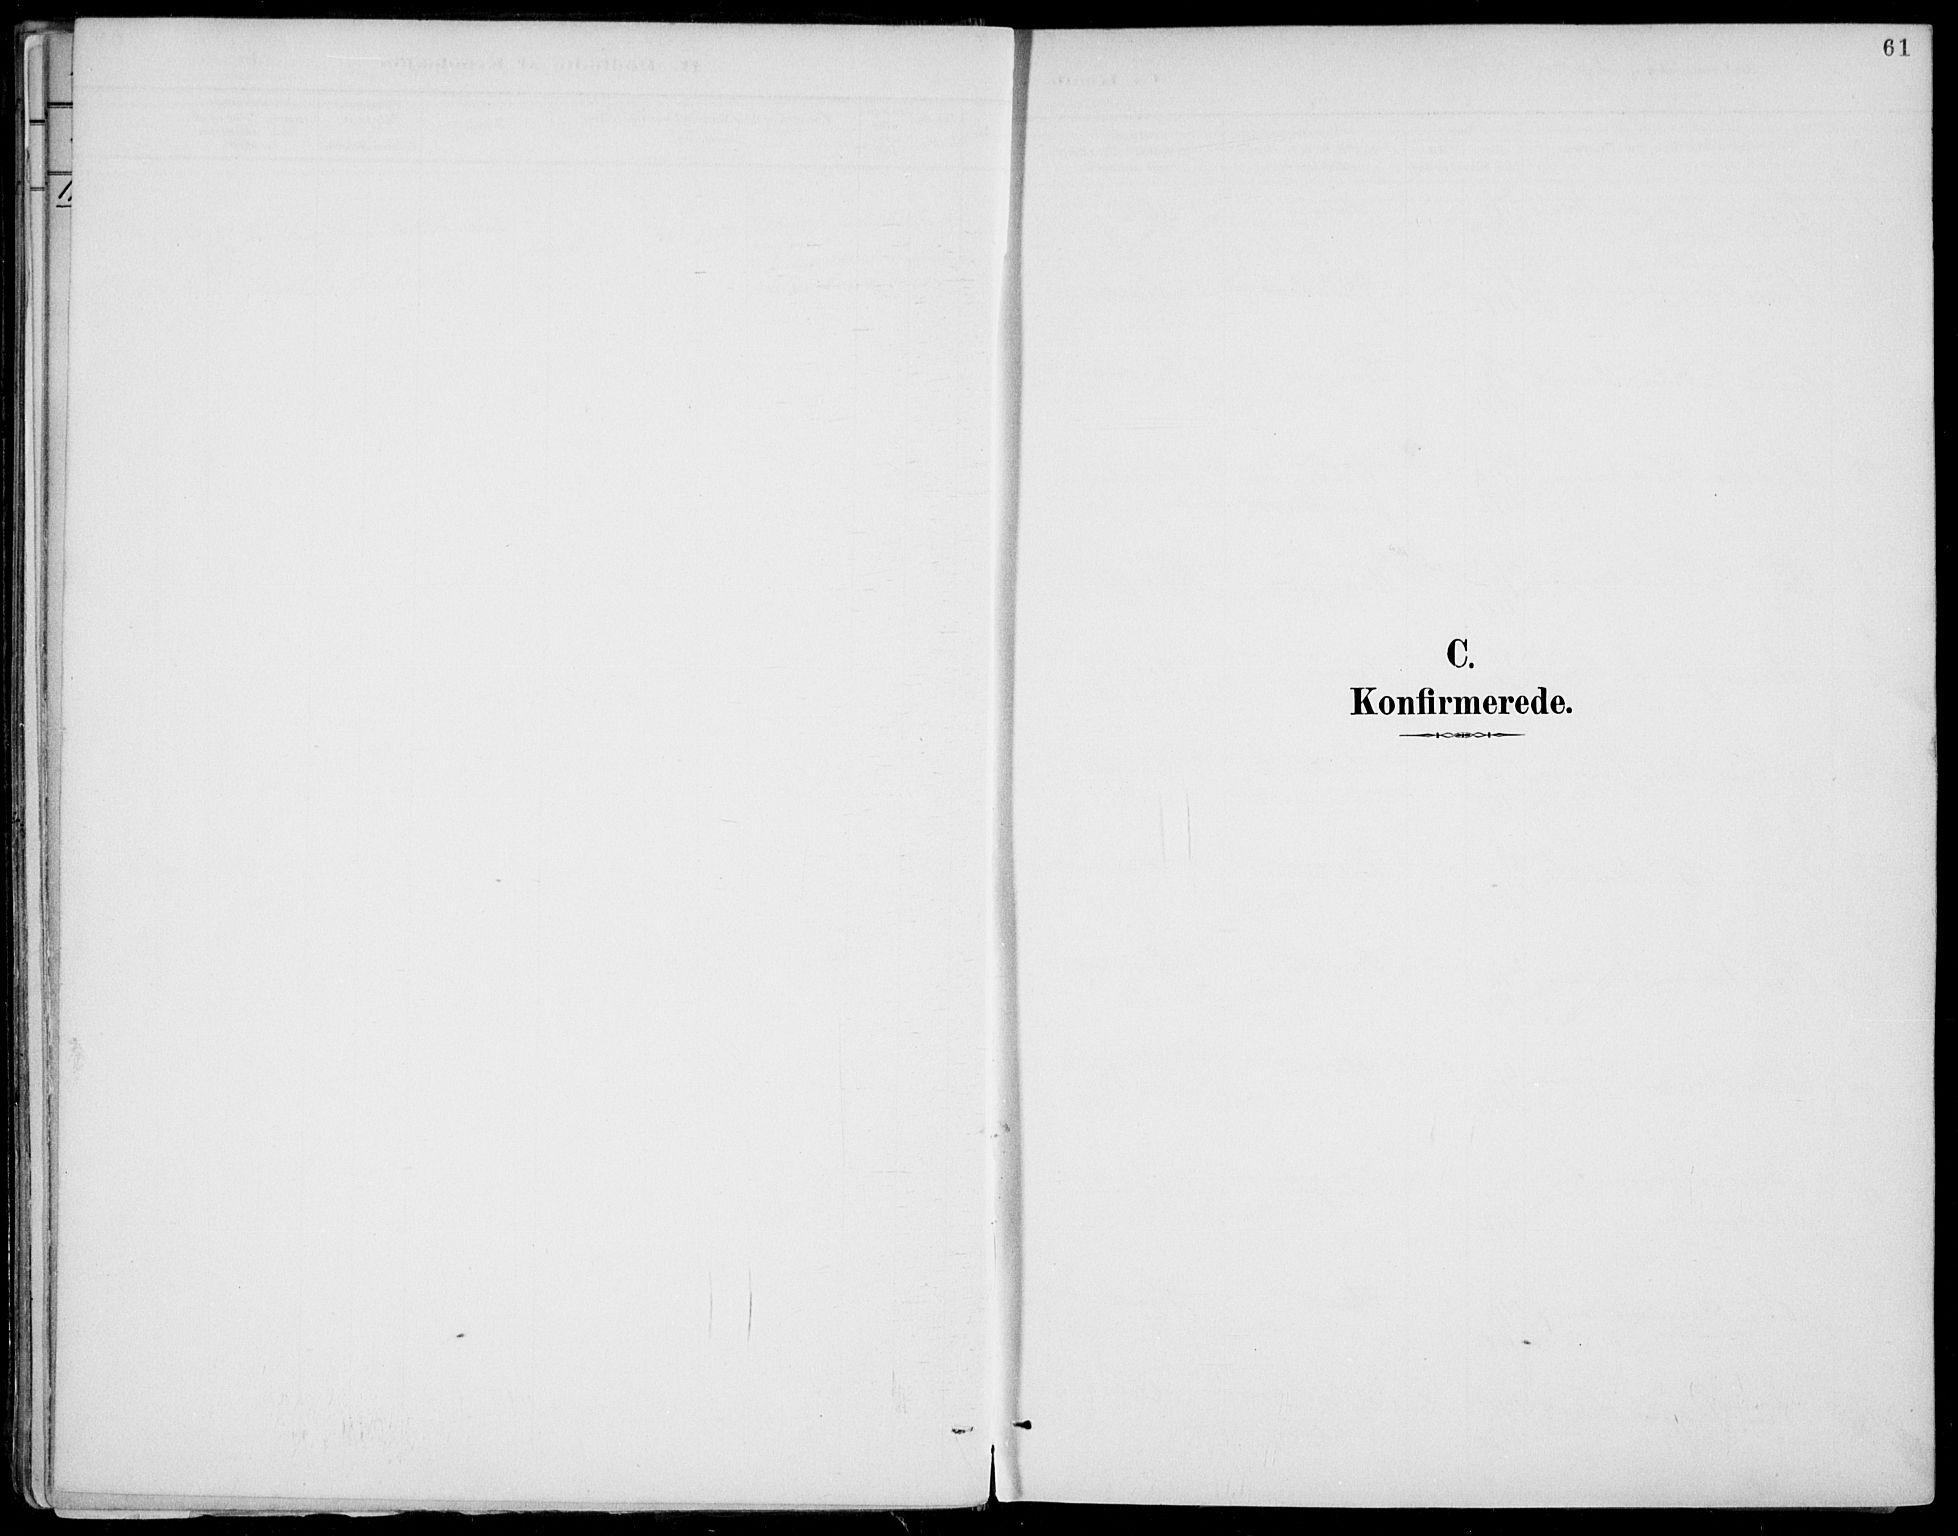 SAKO, Fyresdal kirkebøker, F/Fa/L0007: Ministerialbok nr. I 7, 1887-1914, s. 61